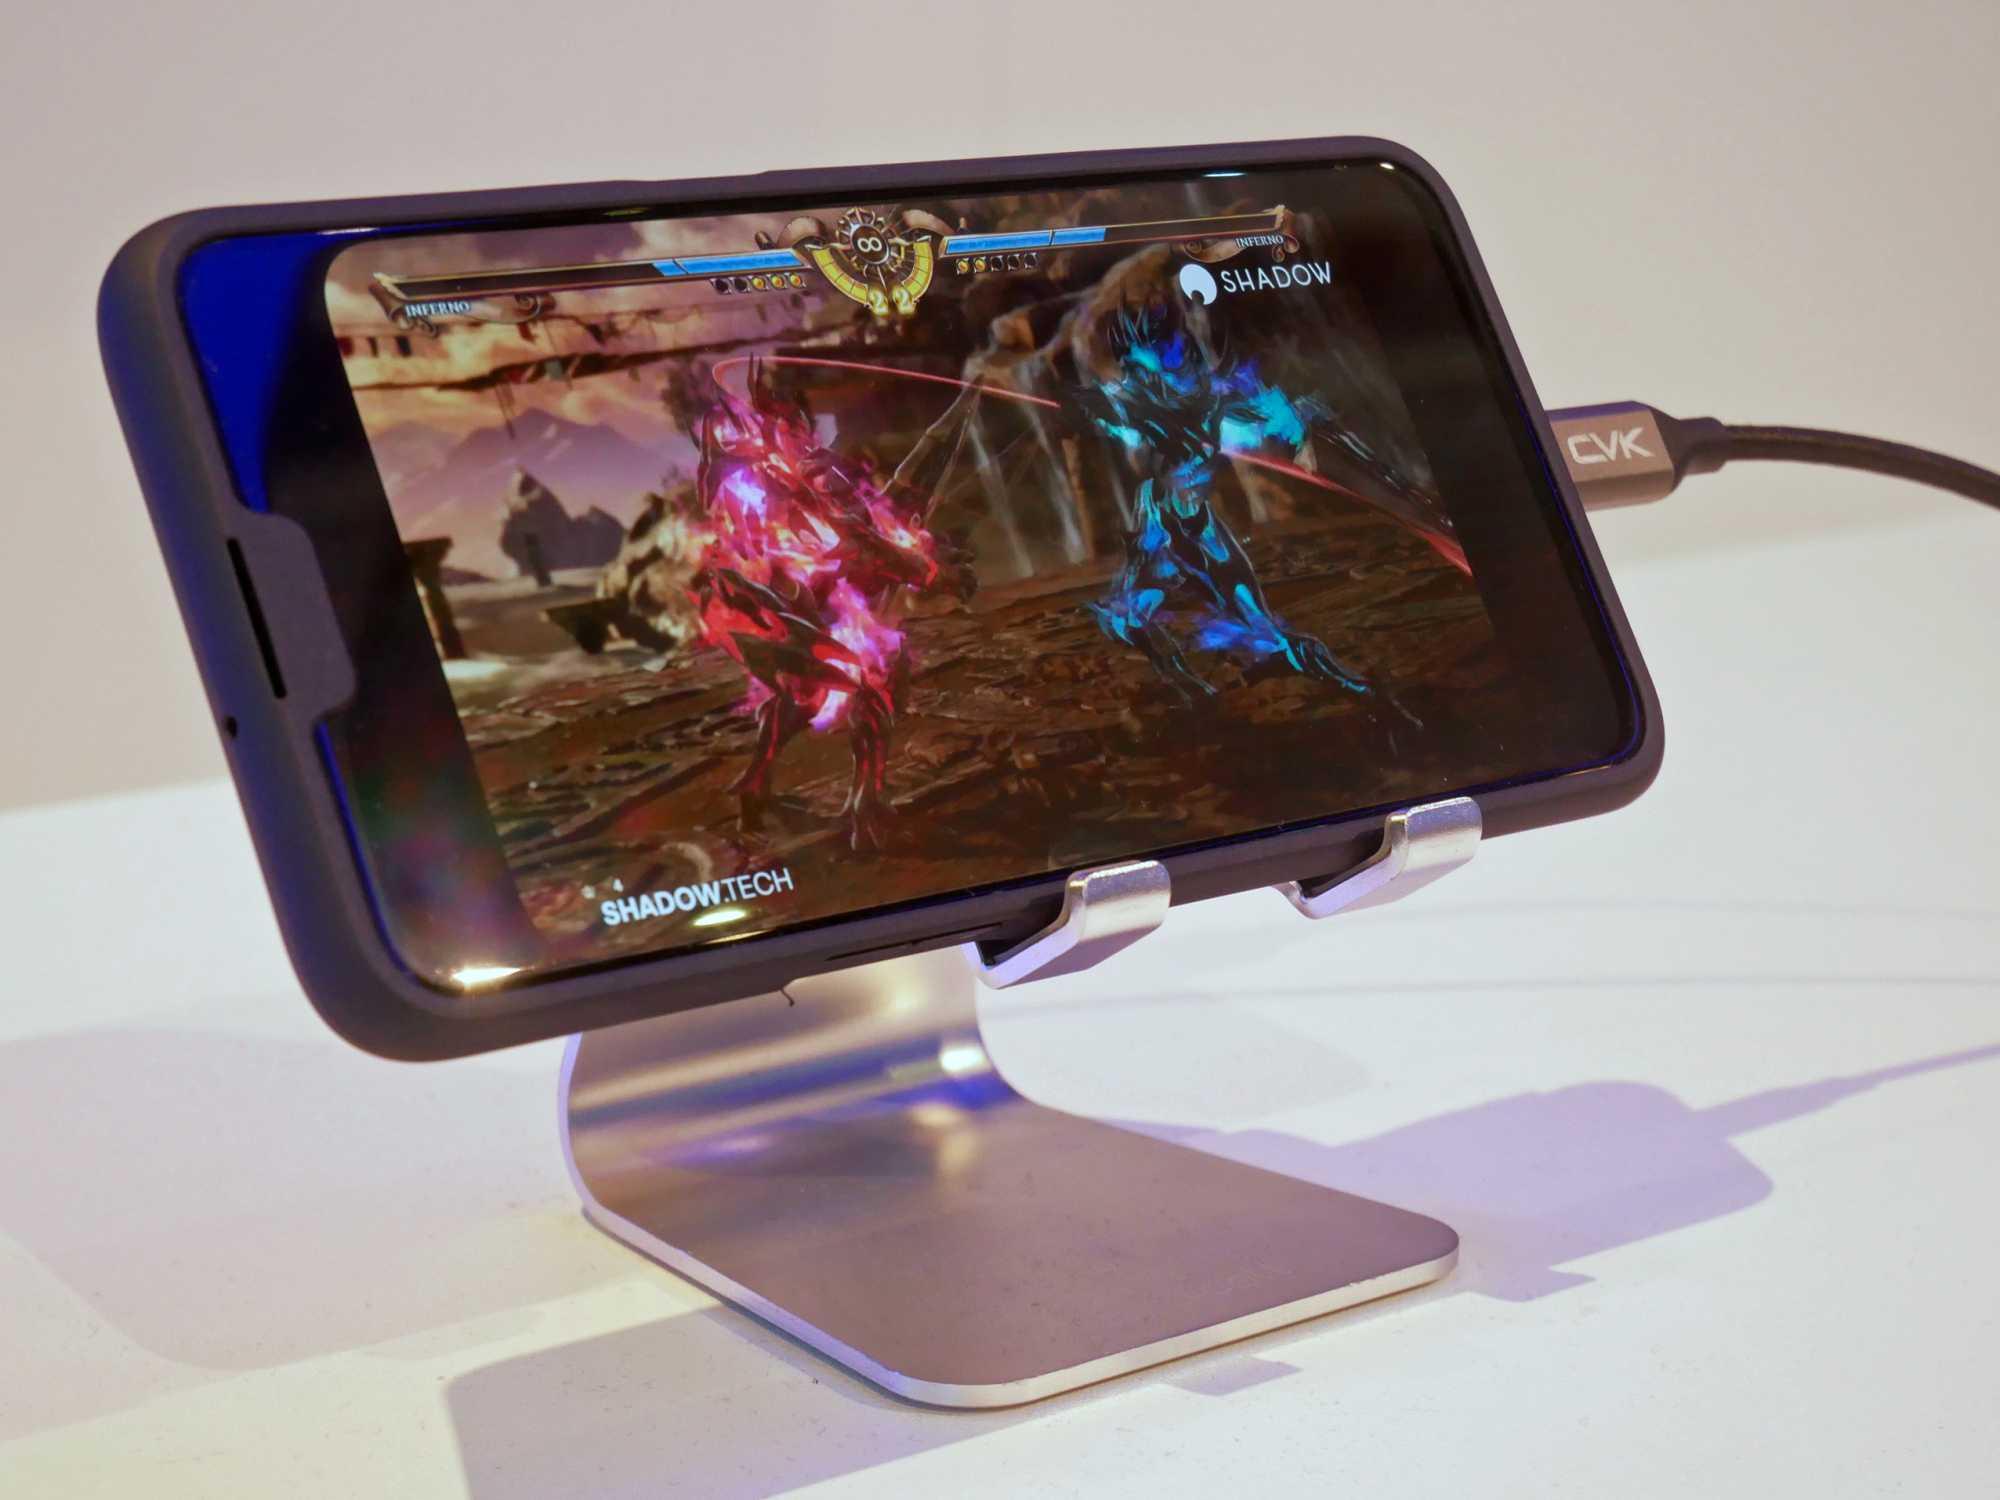 Am Stand von Qualcomm diente der mit einem Hardcase getarnte Prototyp des Oppo 5G-Smartphones für eine Spiele-Demo.